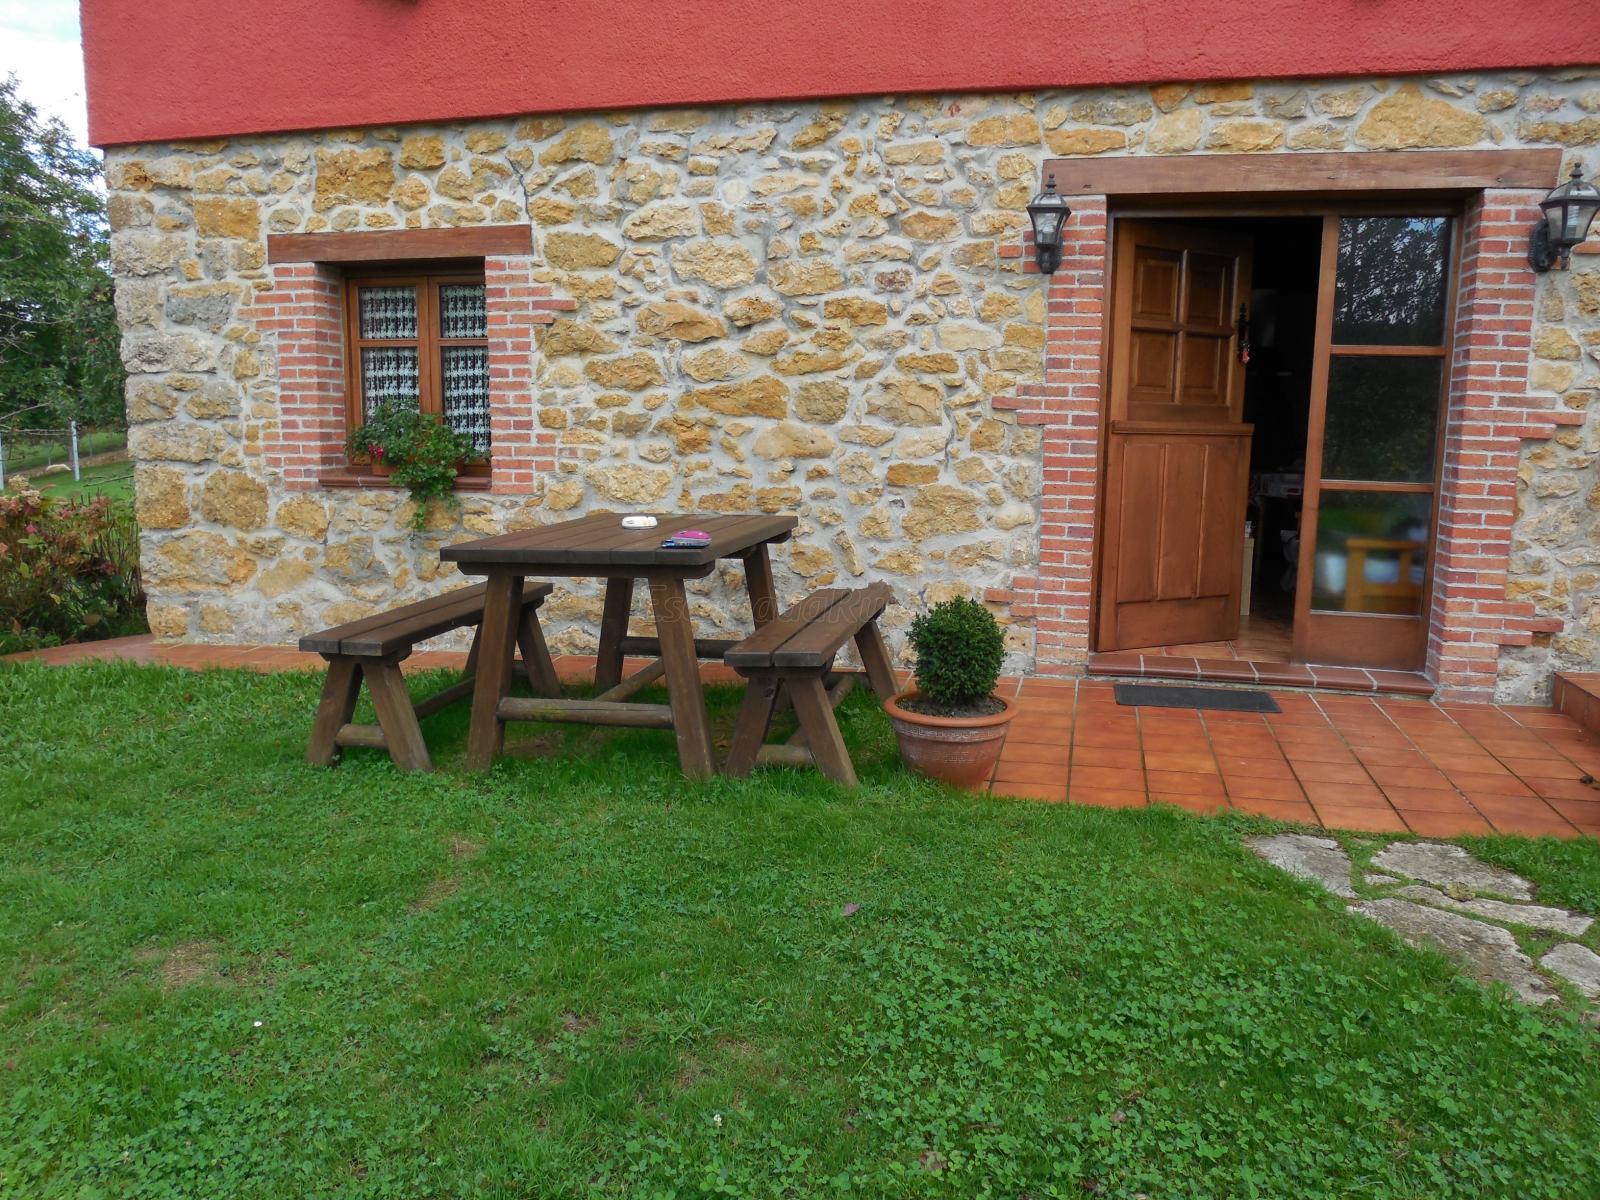 Opiniones sobre casa de aldea el jondrigu asturias - Qcasa opiniones ...